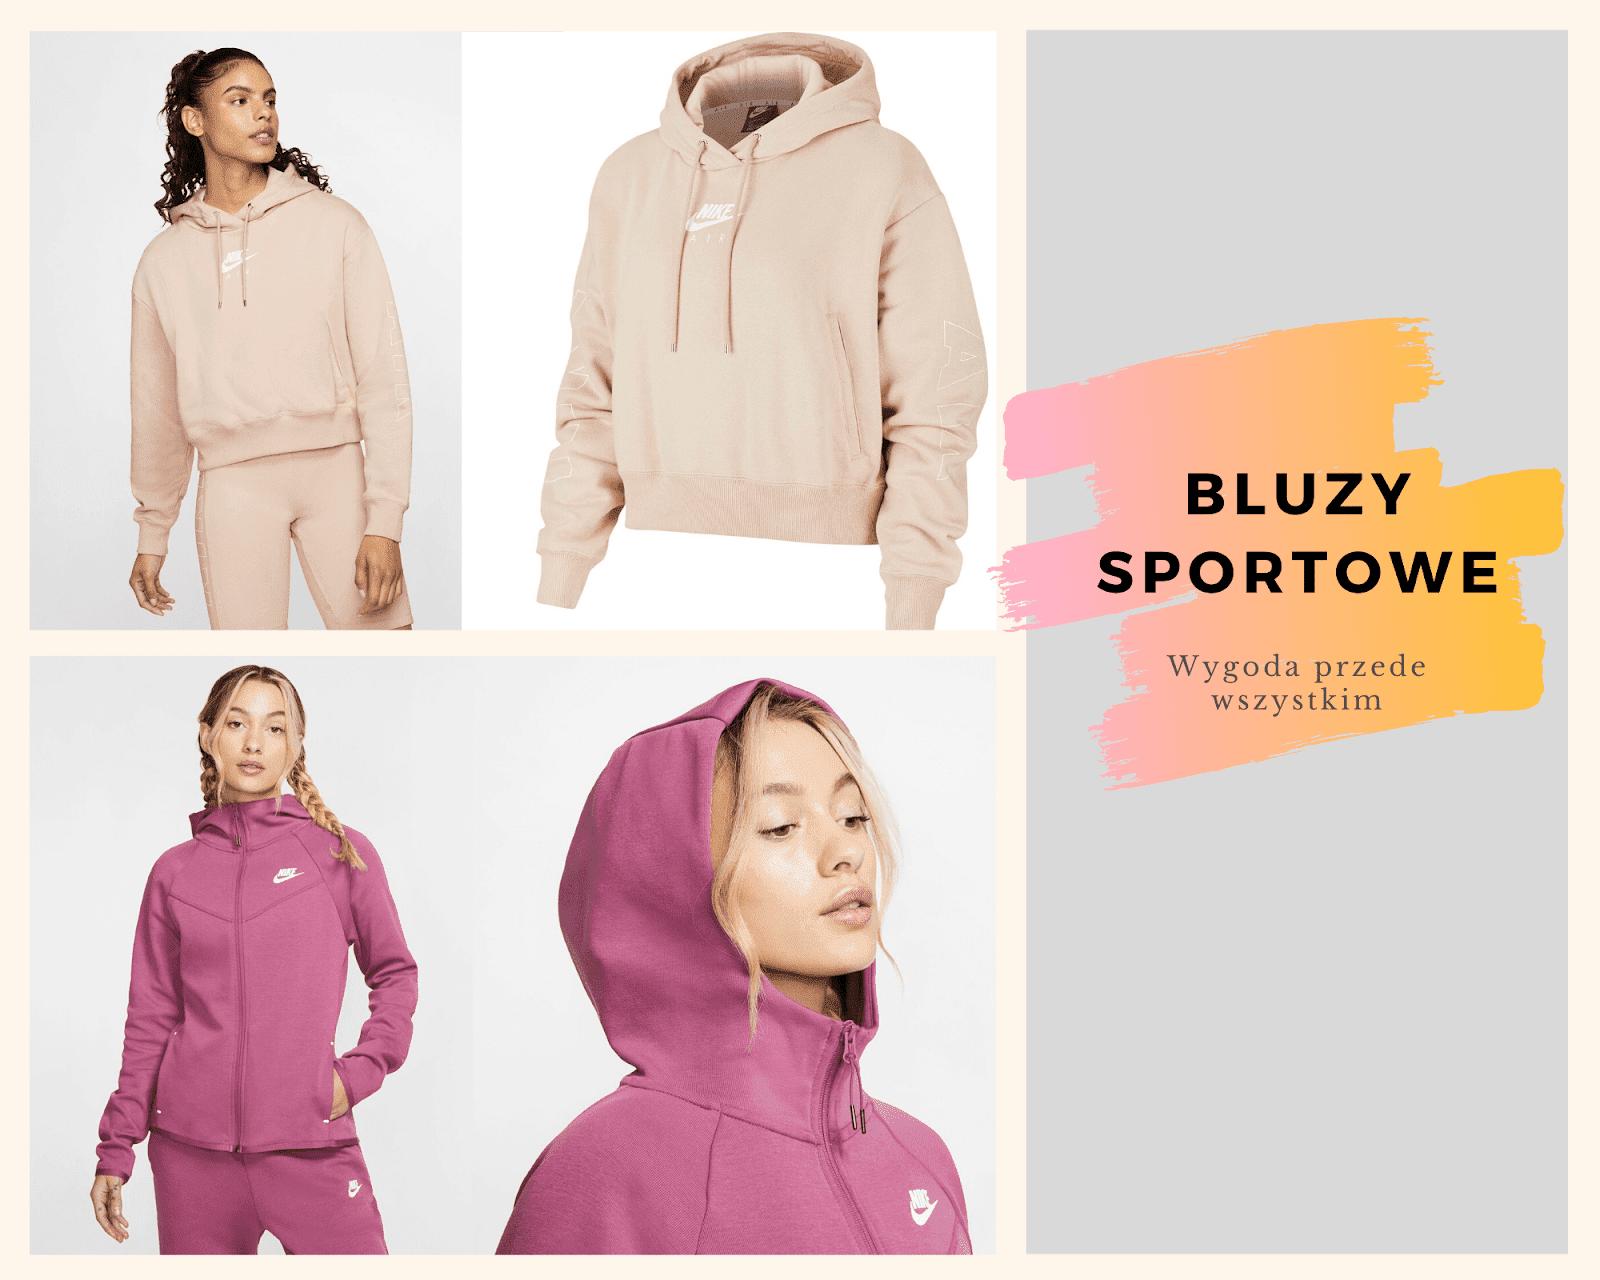 bluzy-sportowe_nike.png